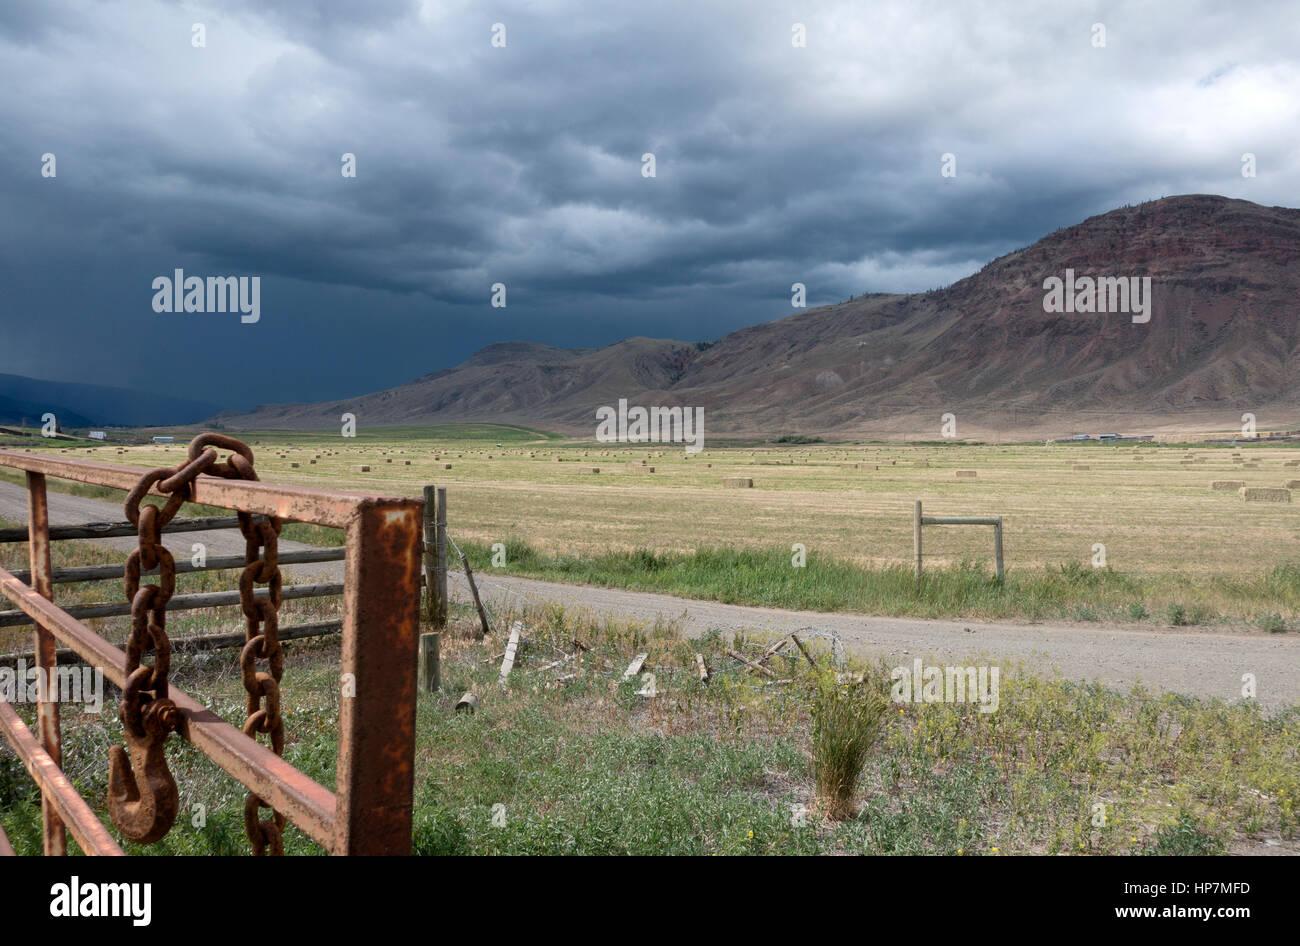 Farmland near Cache Creek, British Columbia, Canada - Stock Image